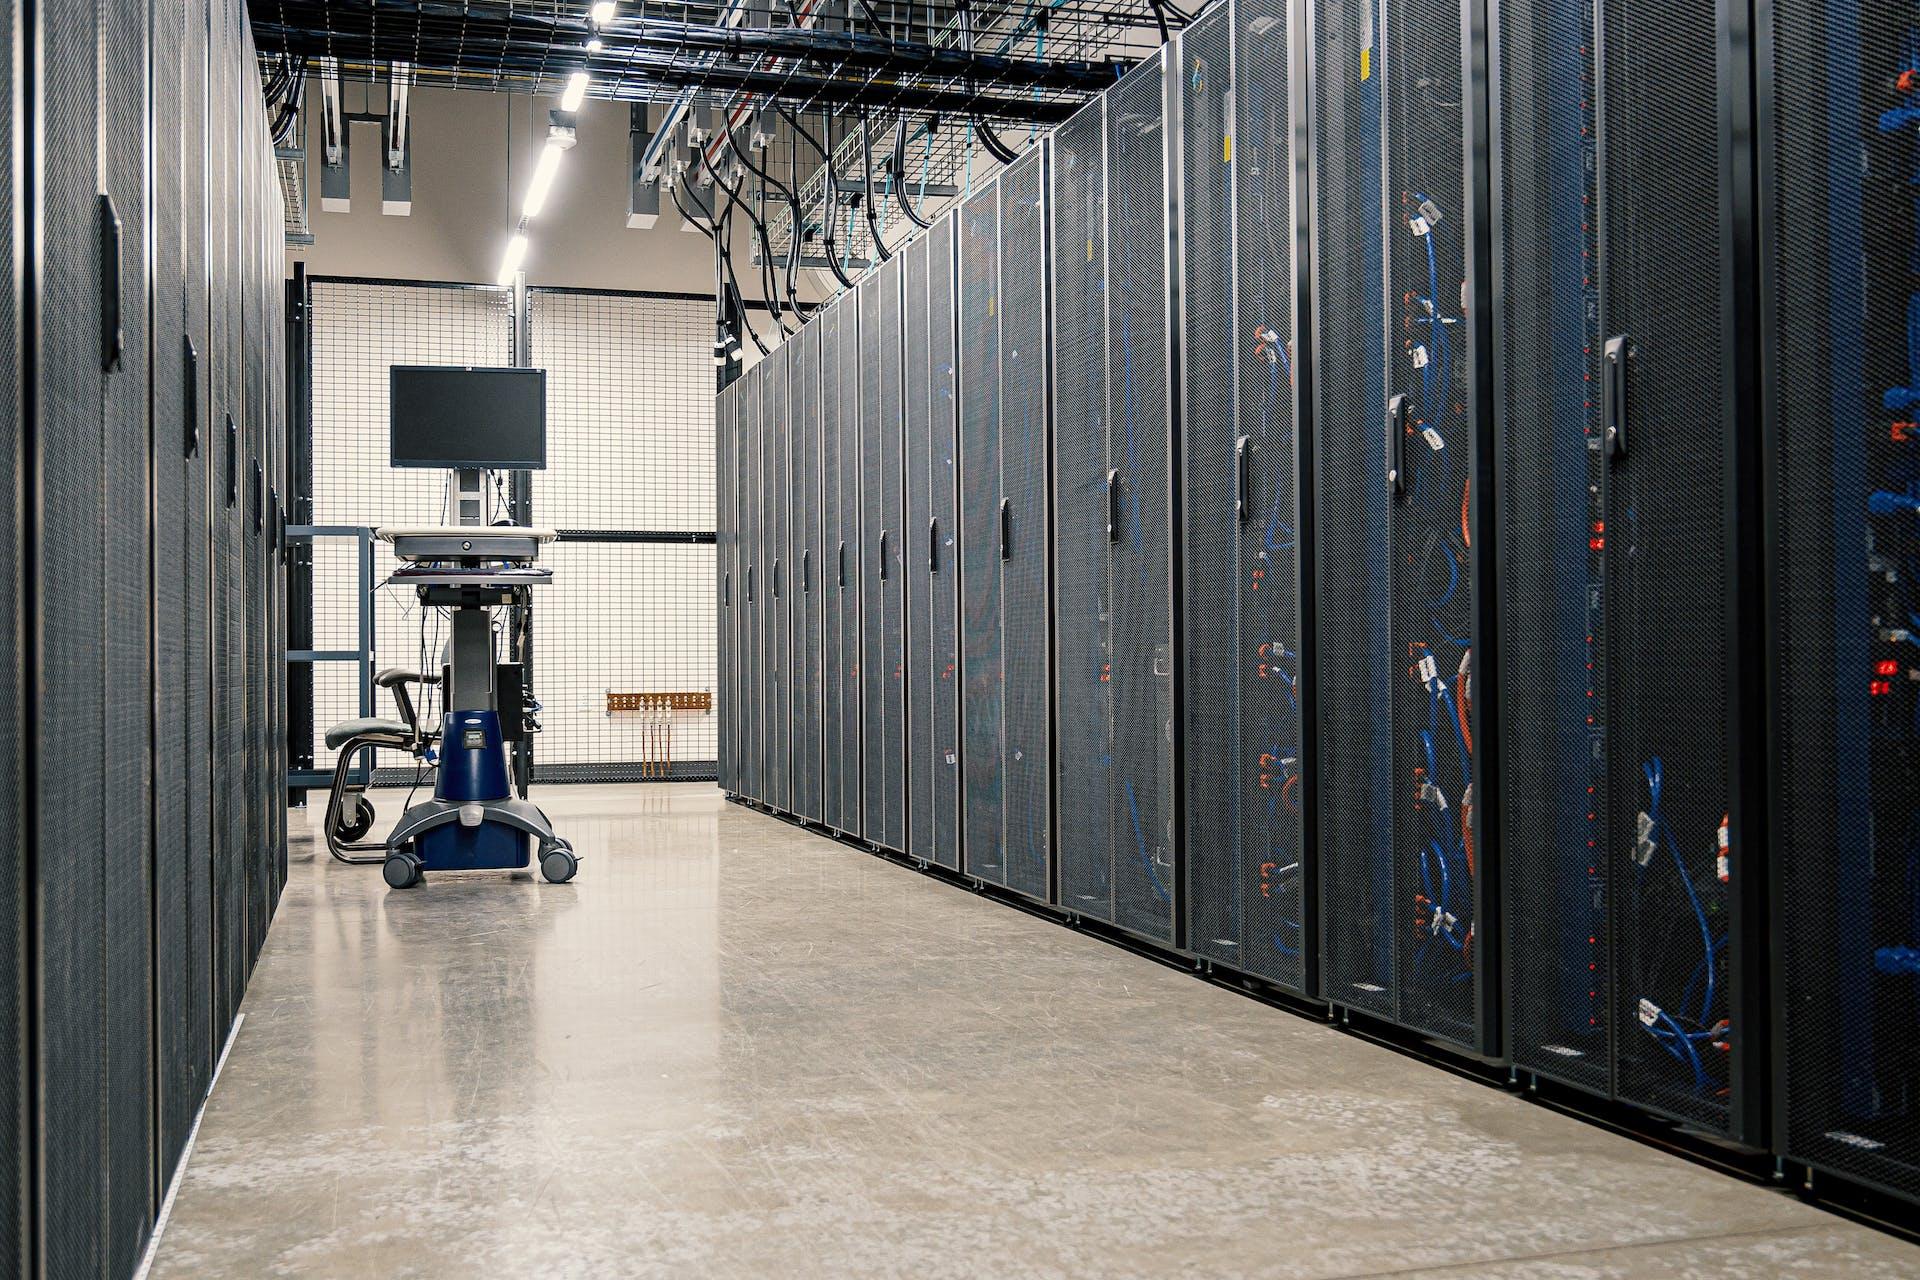 ¿Qué es un data center y para qué sirve?